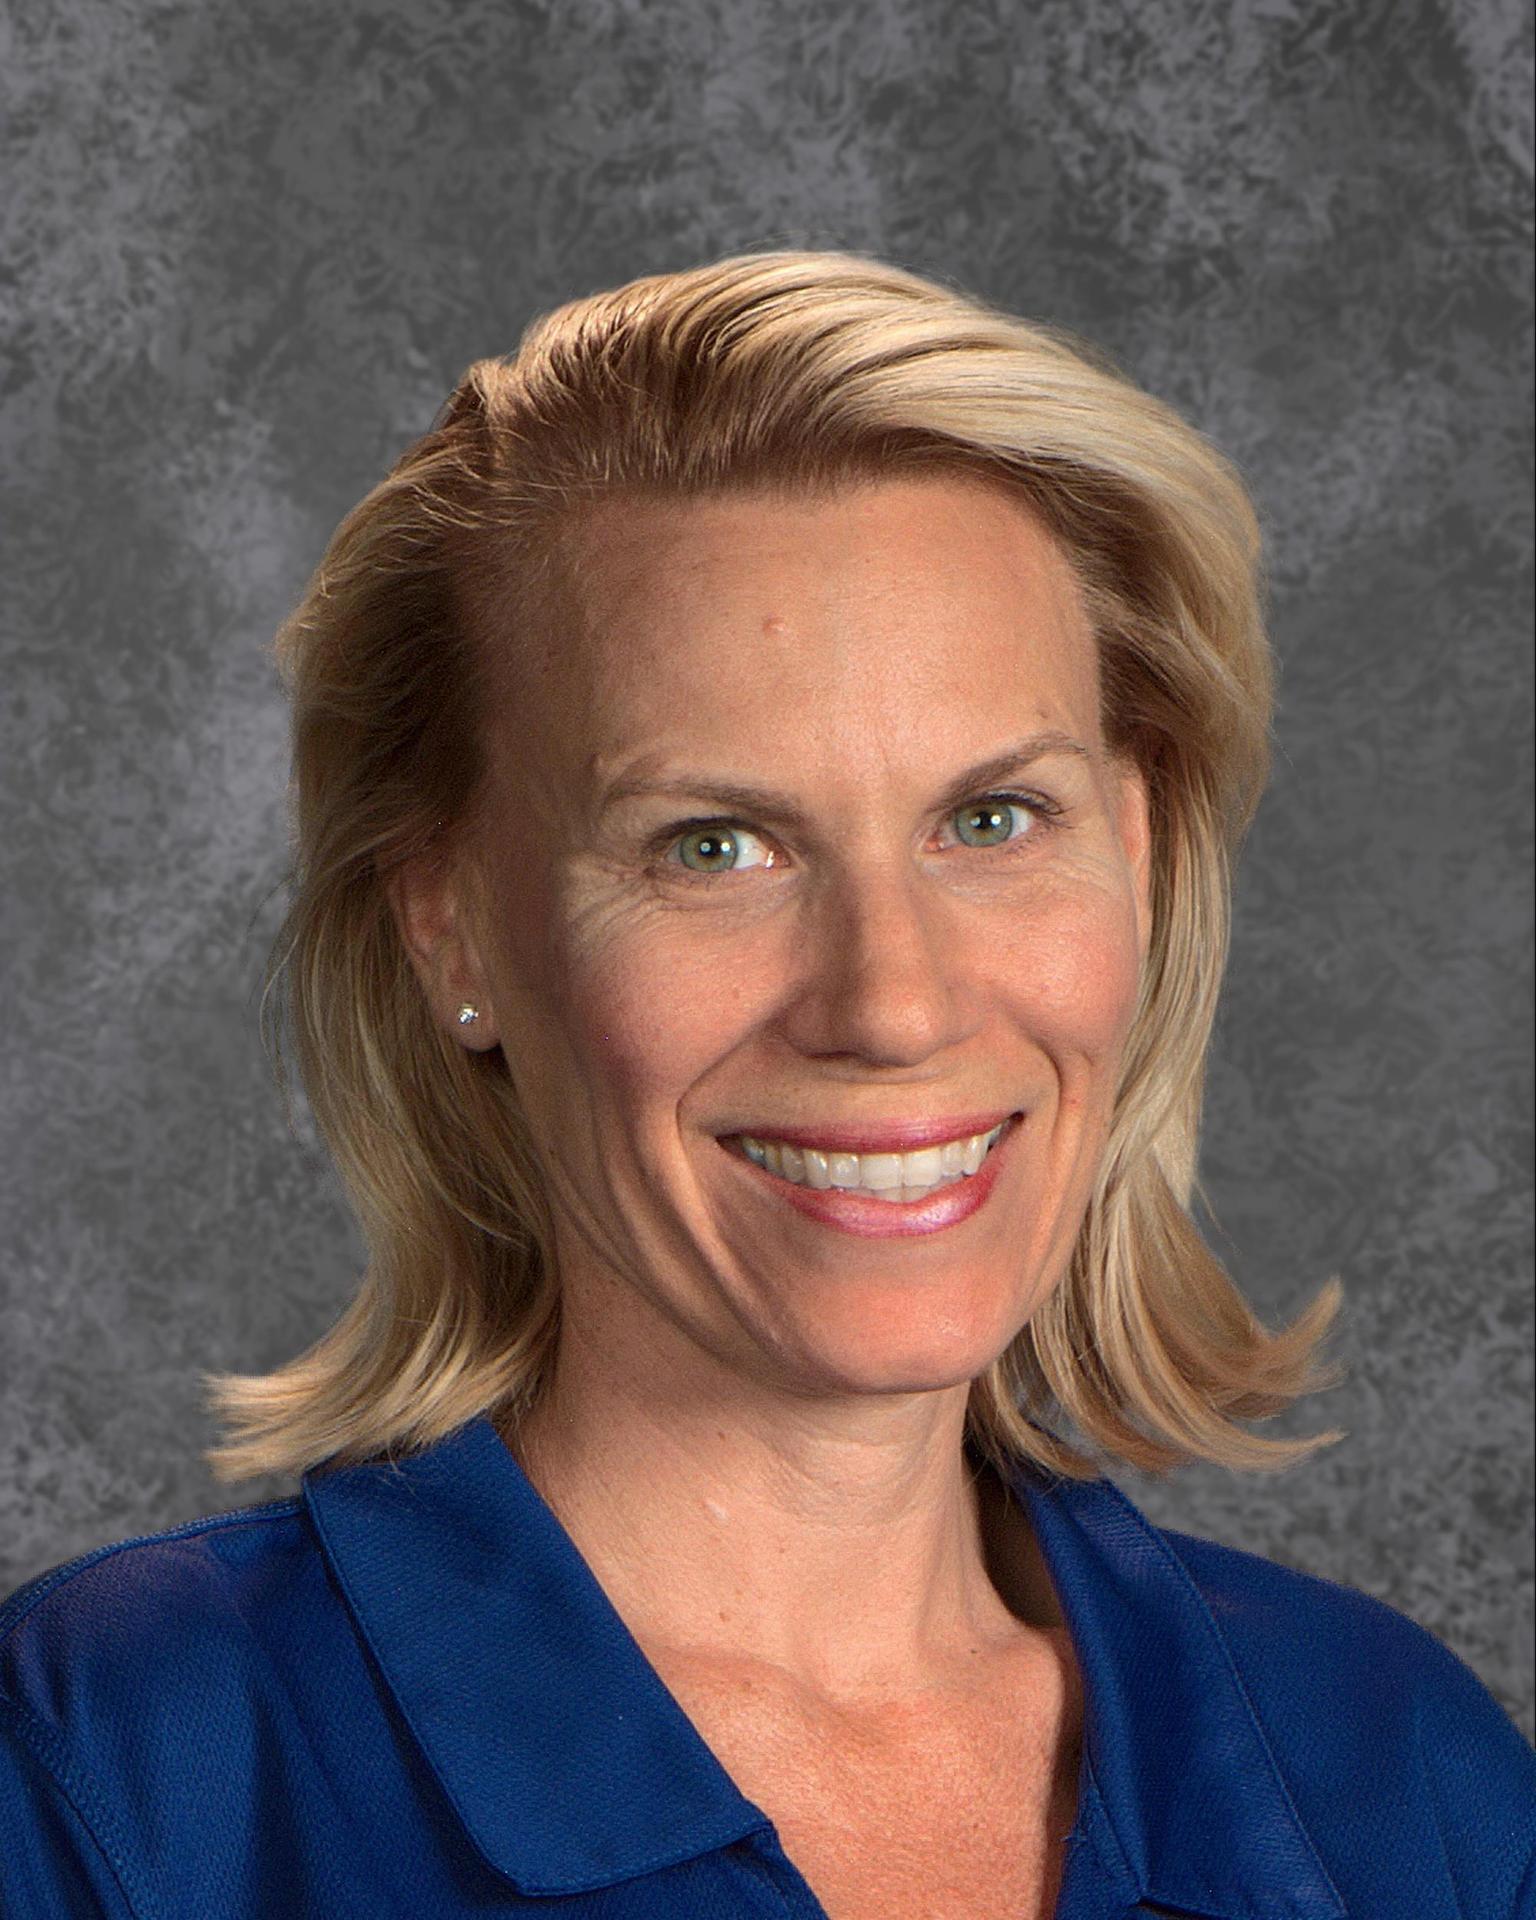 Principal Emma Connoy